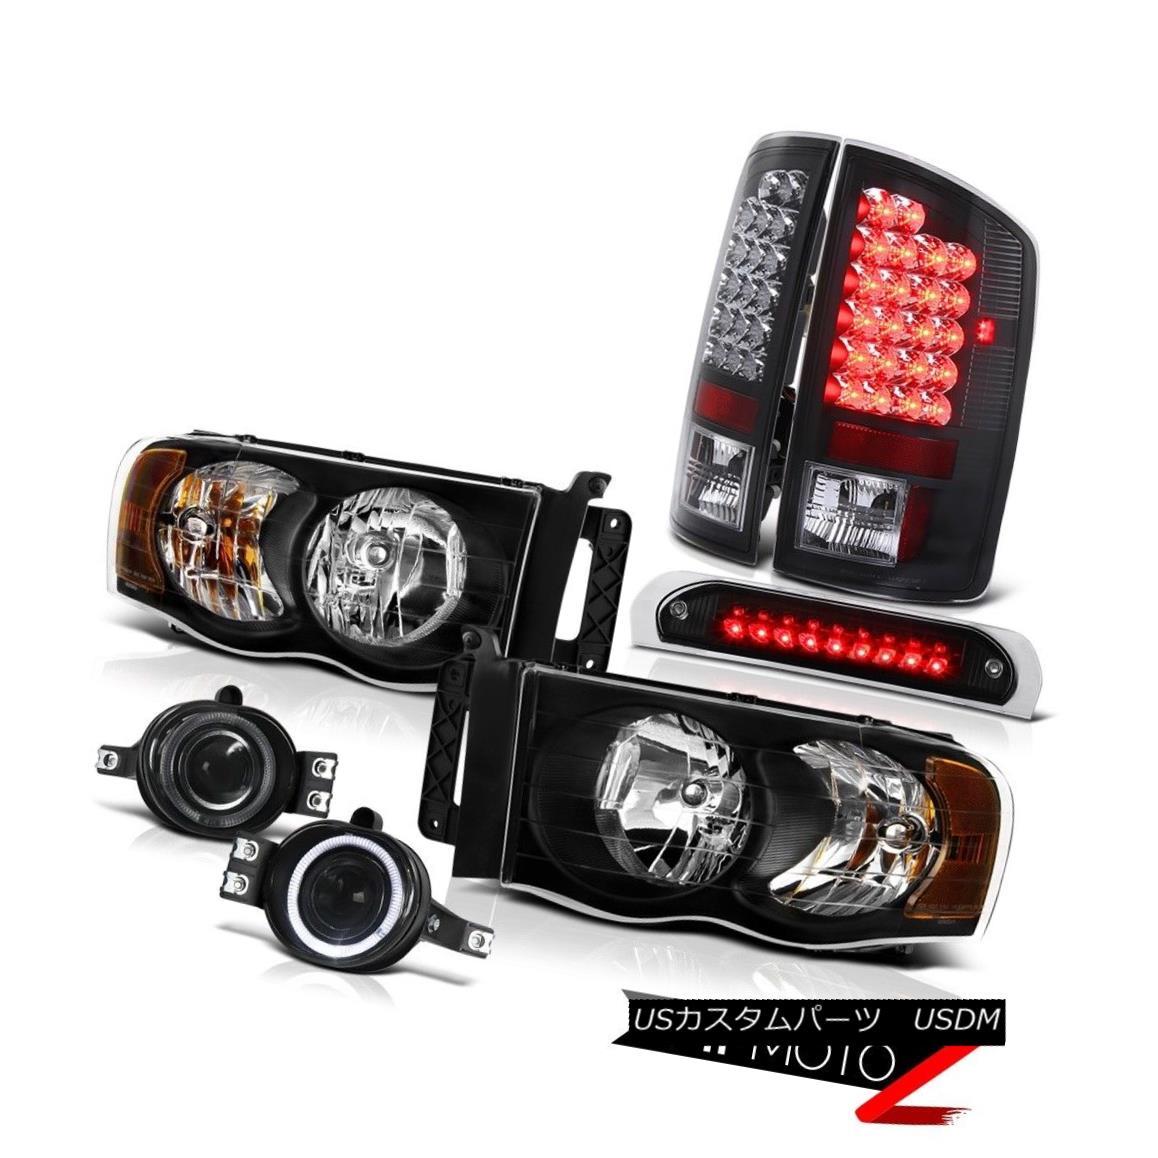 テールライト Black Headlamps LED Bulbs Tail Lights Halo Projector Fog 3rd Brake 02-05 Ram ST ブラックヘッドランプLED電球テールライトハロープロジェクターフォグ3rdブレーキ02-05 Ram ST